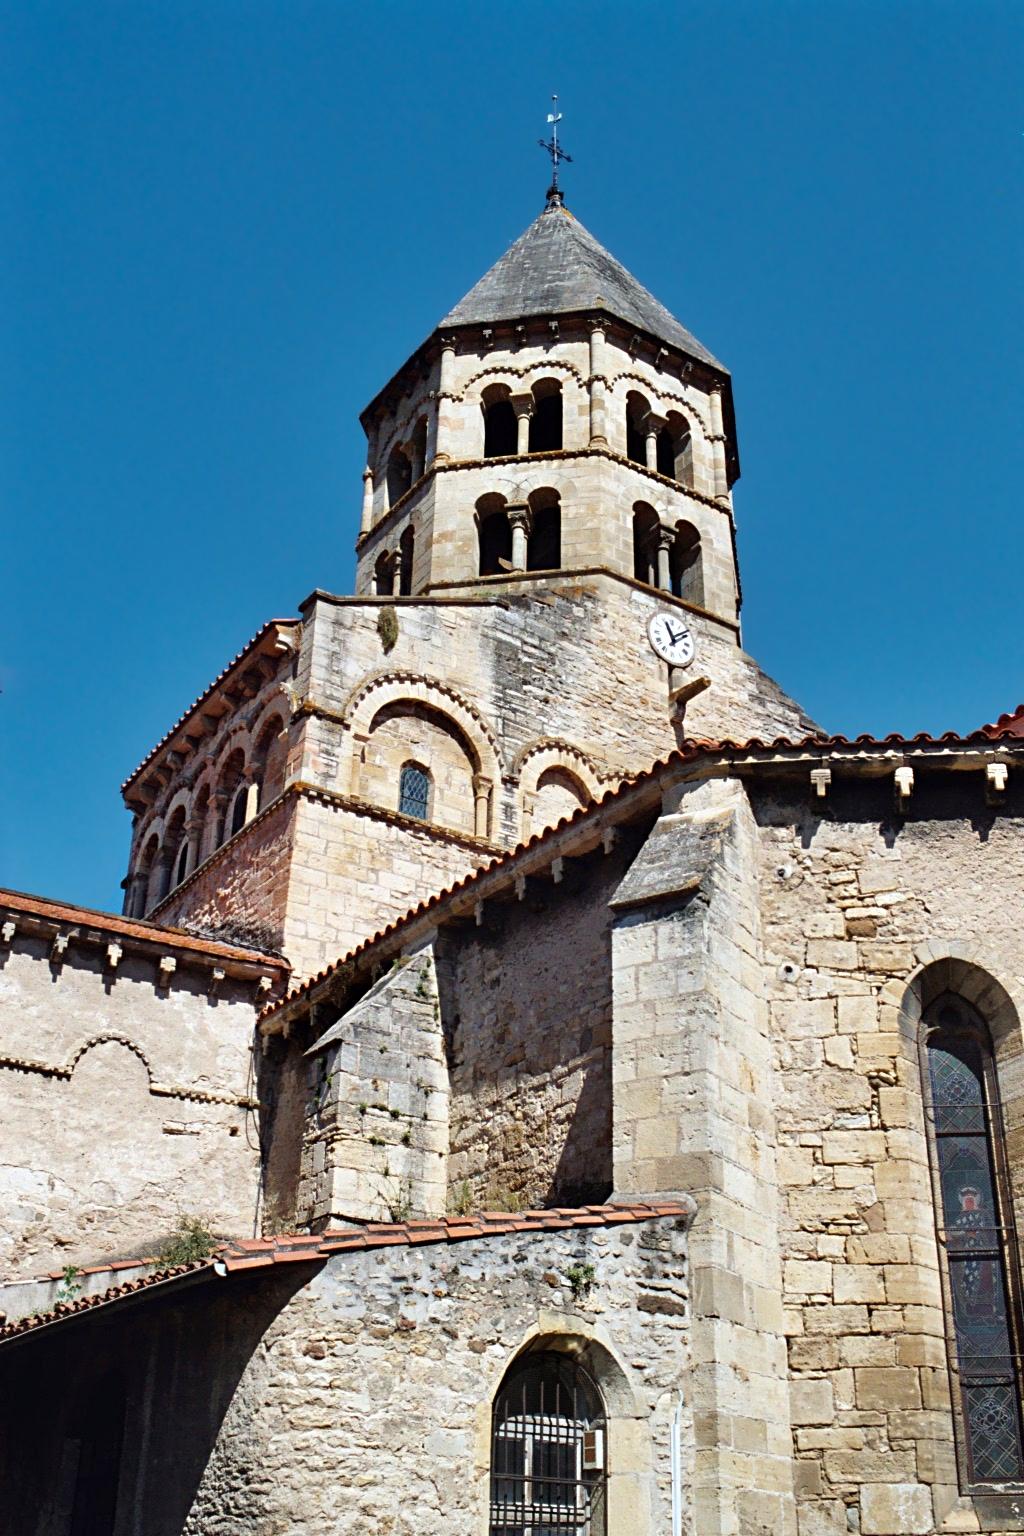 Glise saint julien de chauriat wikip dia for Architecture romane definition